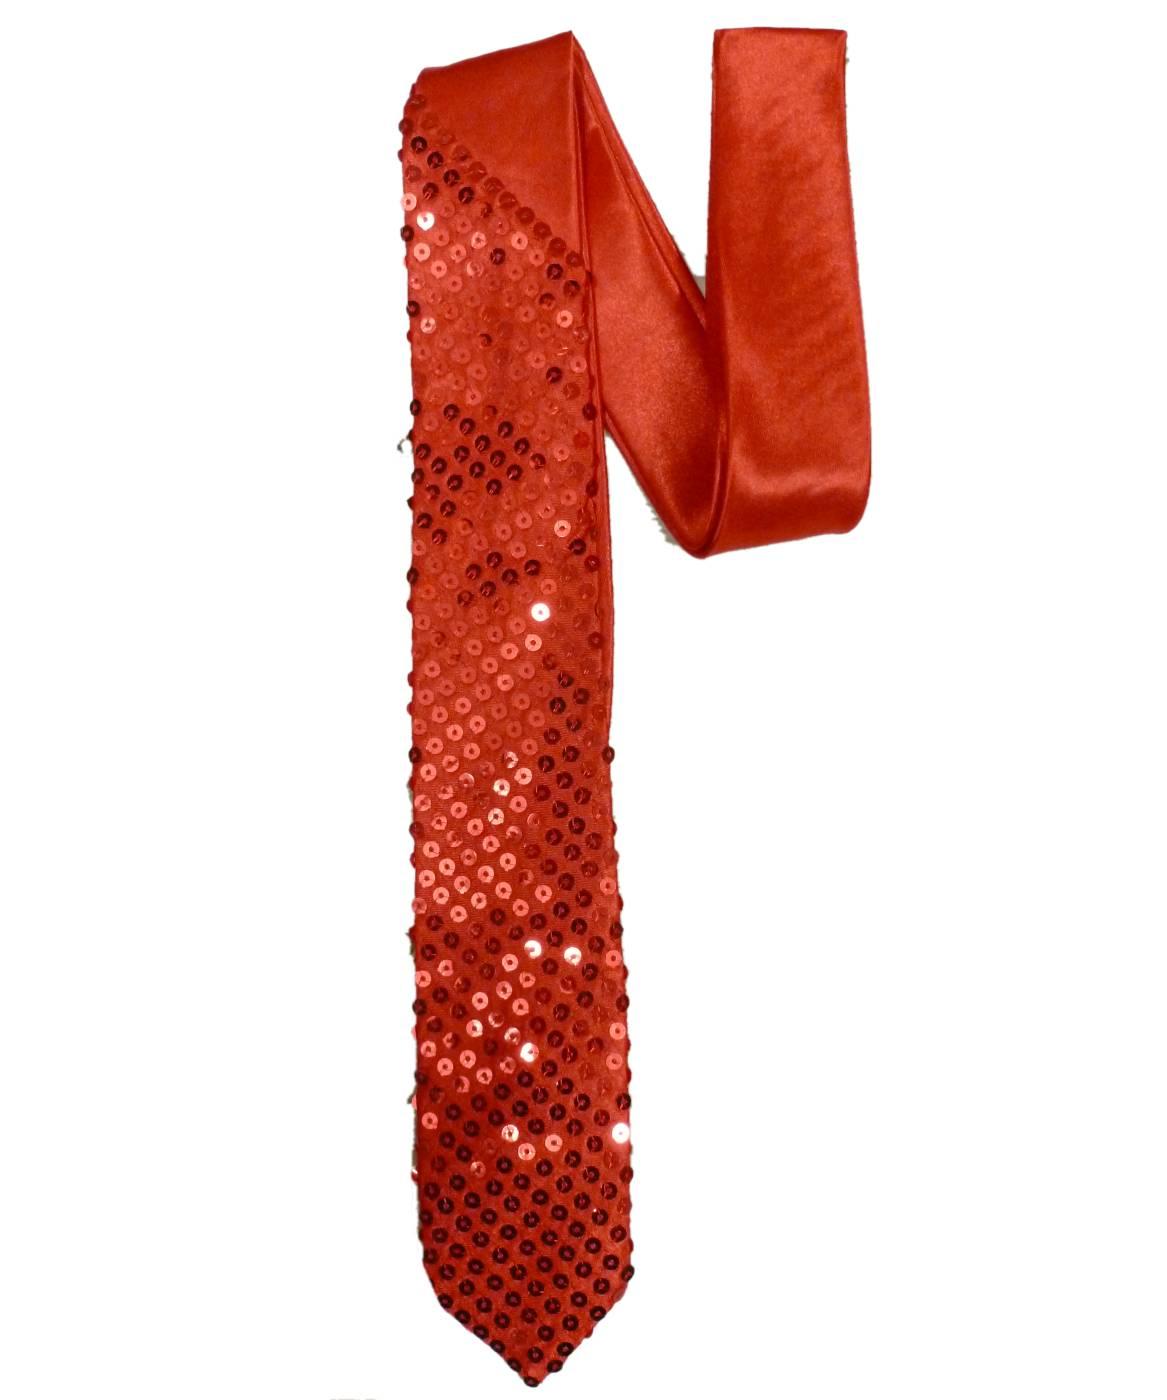 Cravate-rouge-paillettes